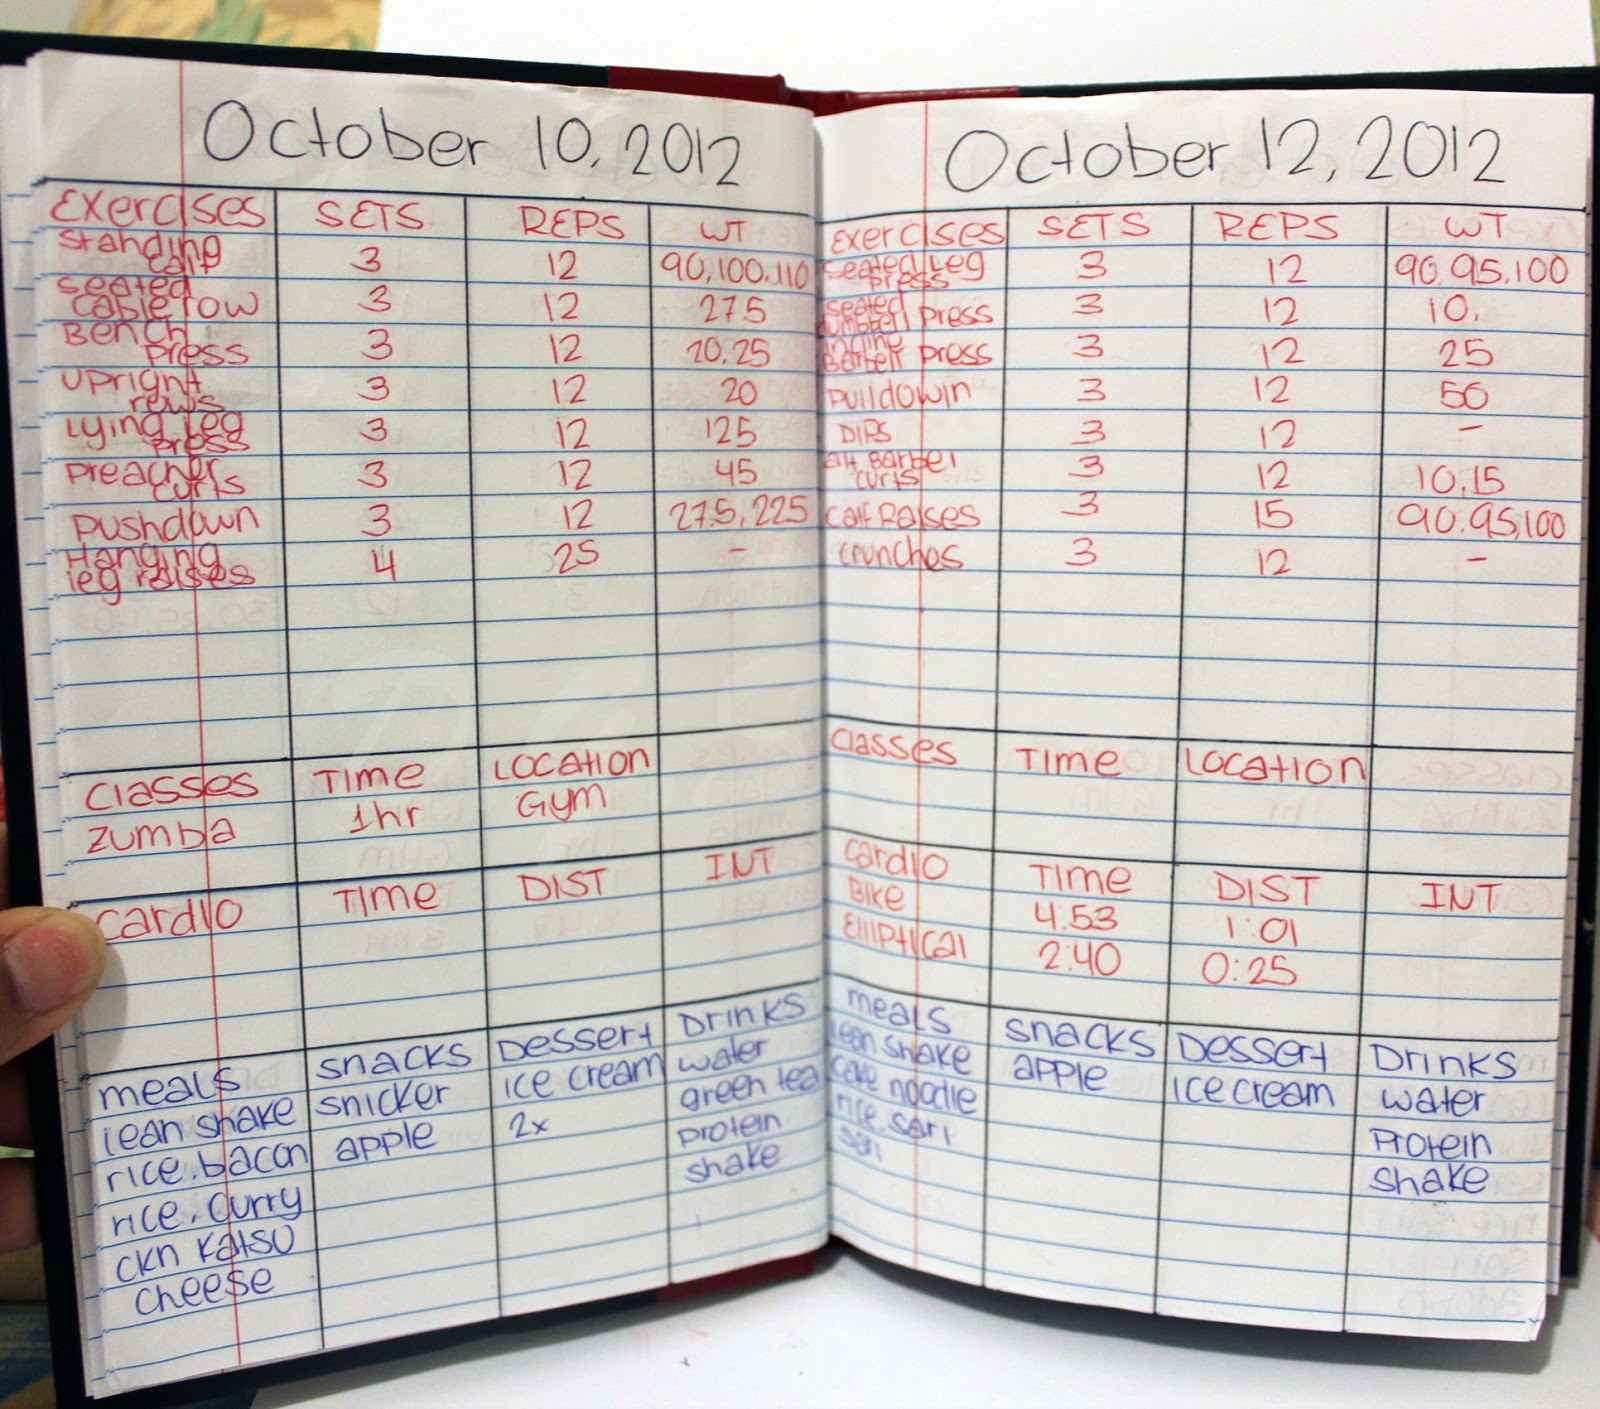 wod journal template - diy workout log book d g s beauty